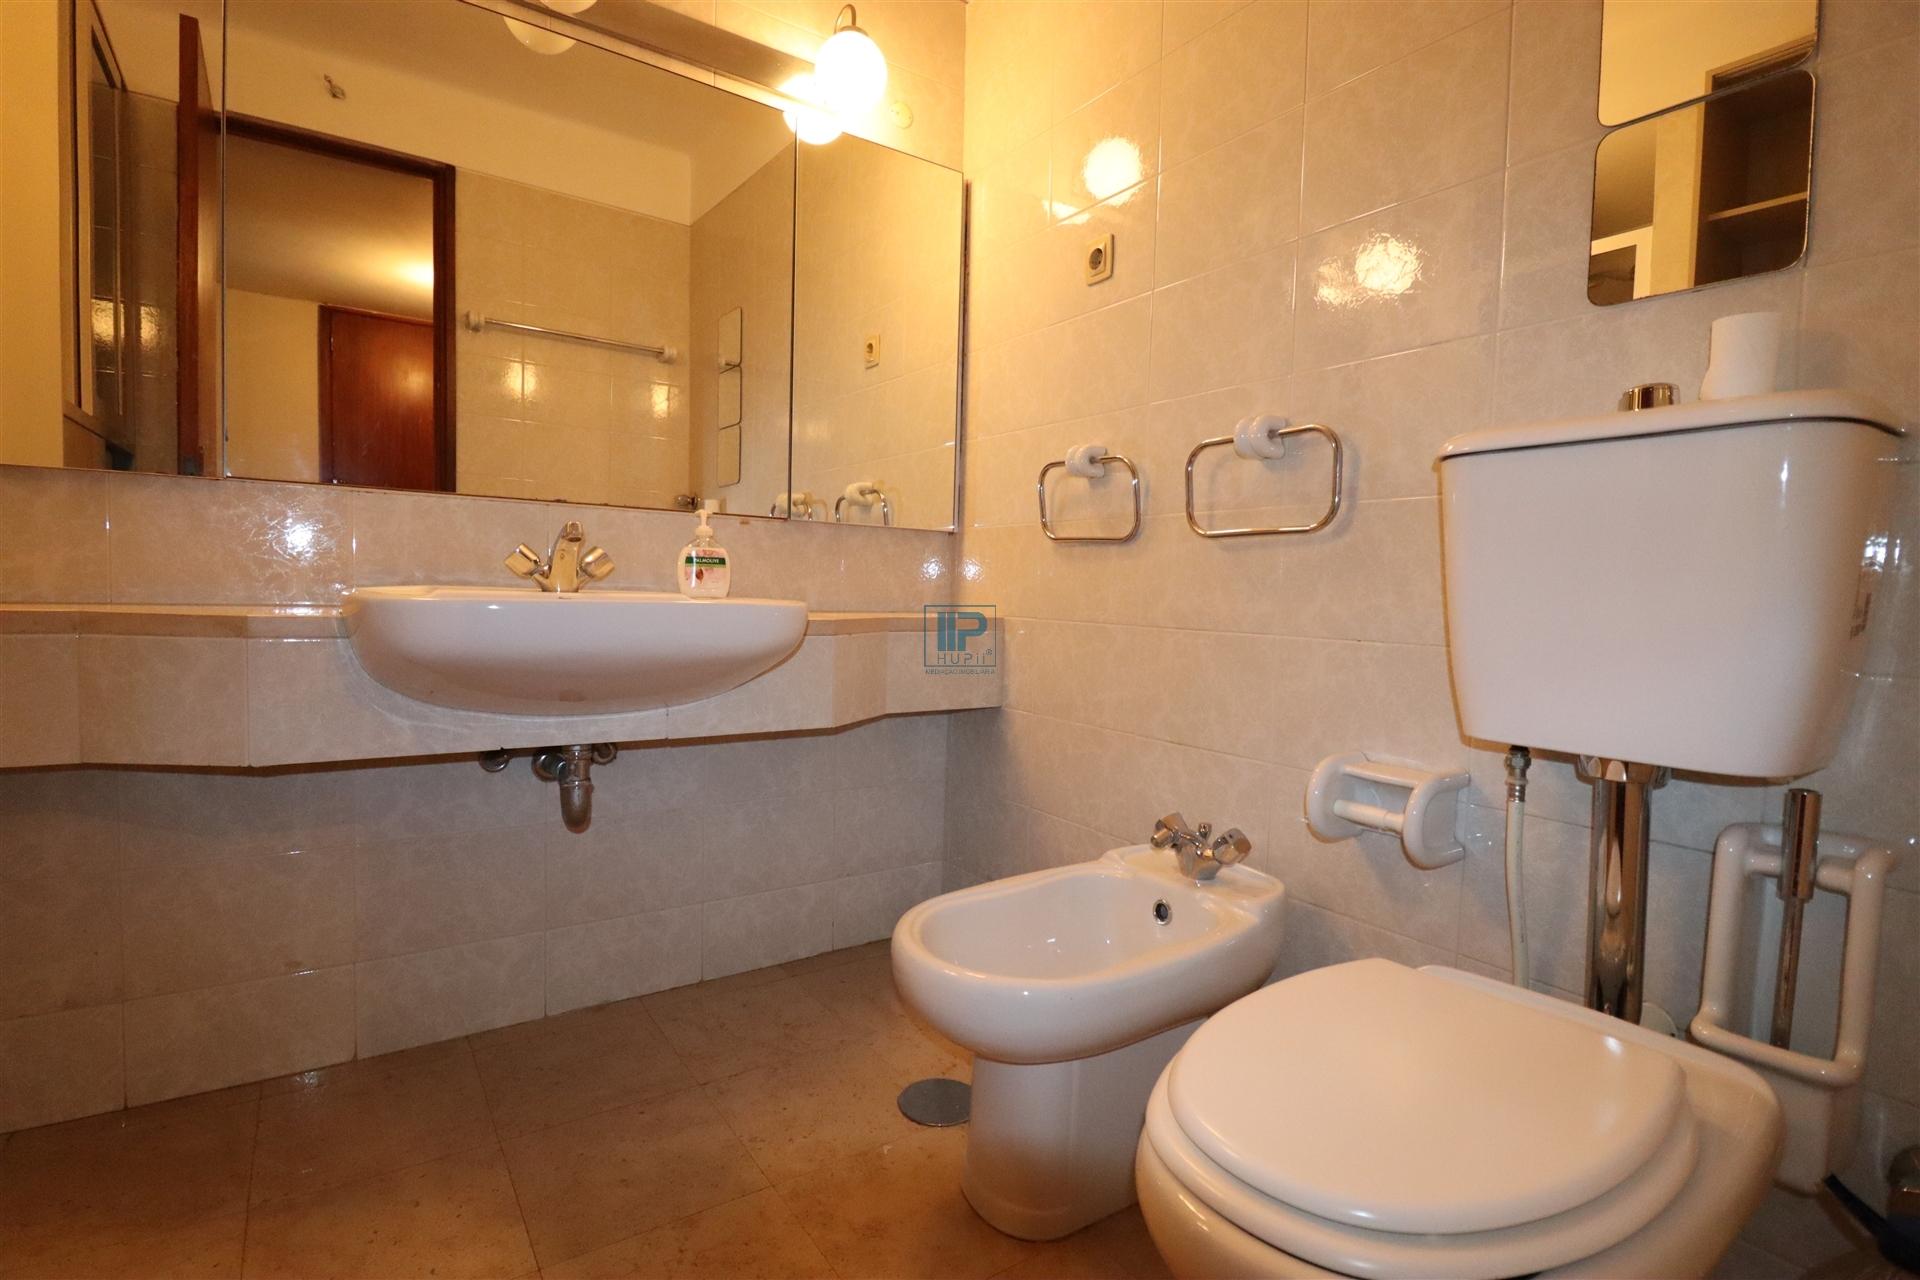 Dienst - WC